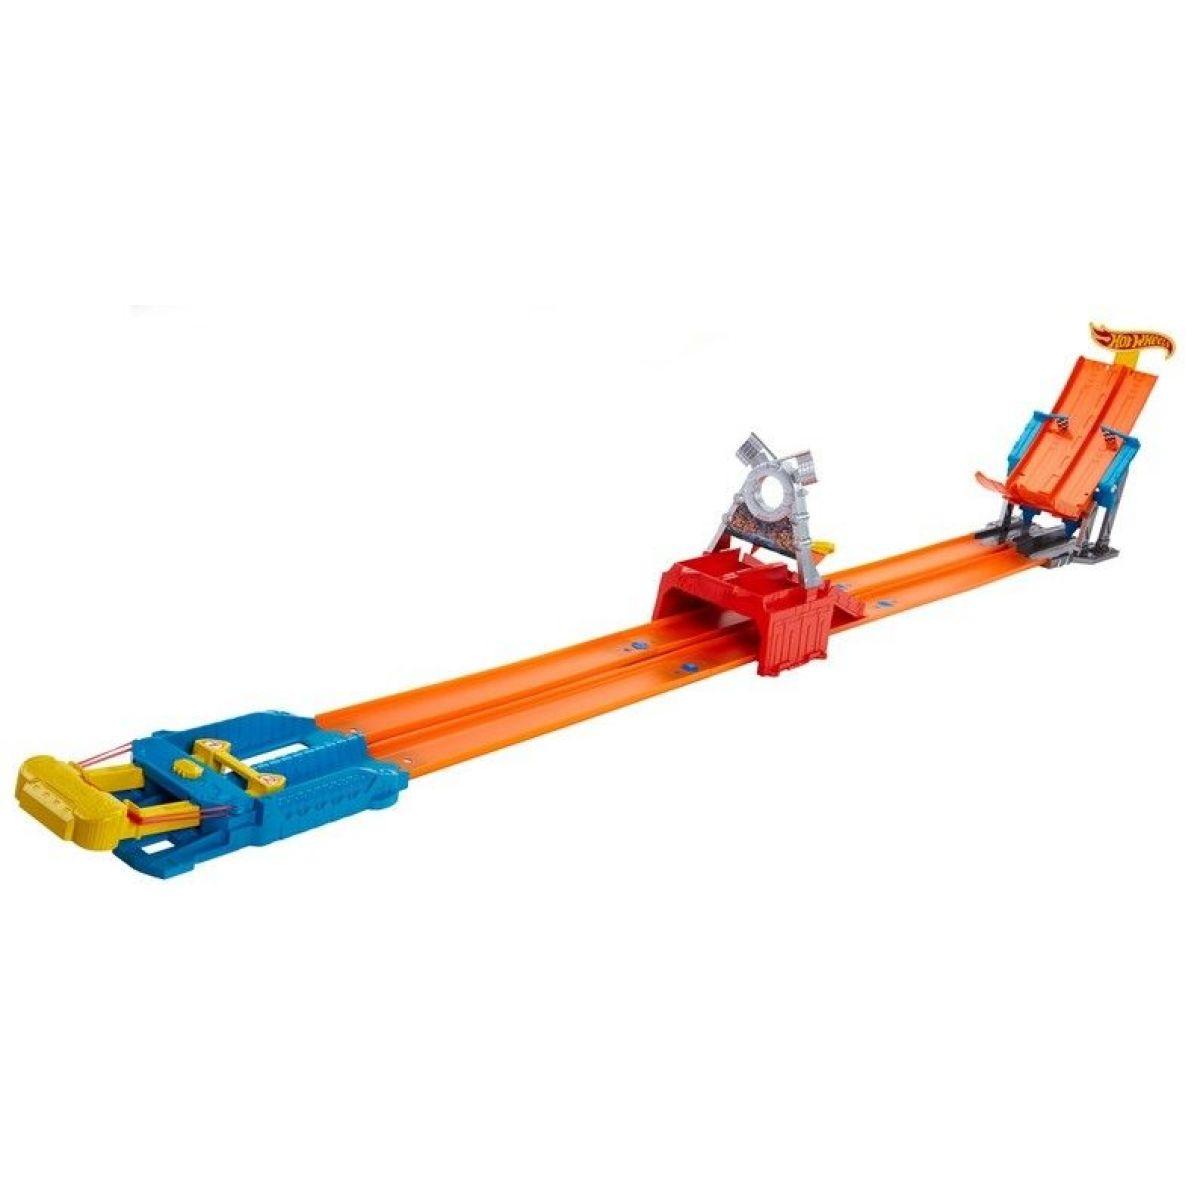 Hot Wheels Závodní dráha s dvěma skoky - Štafeta